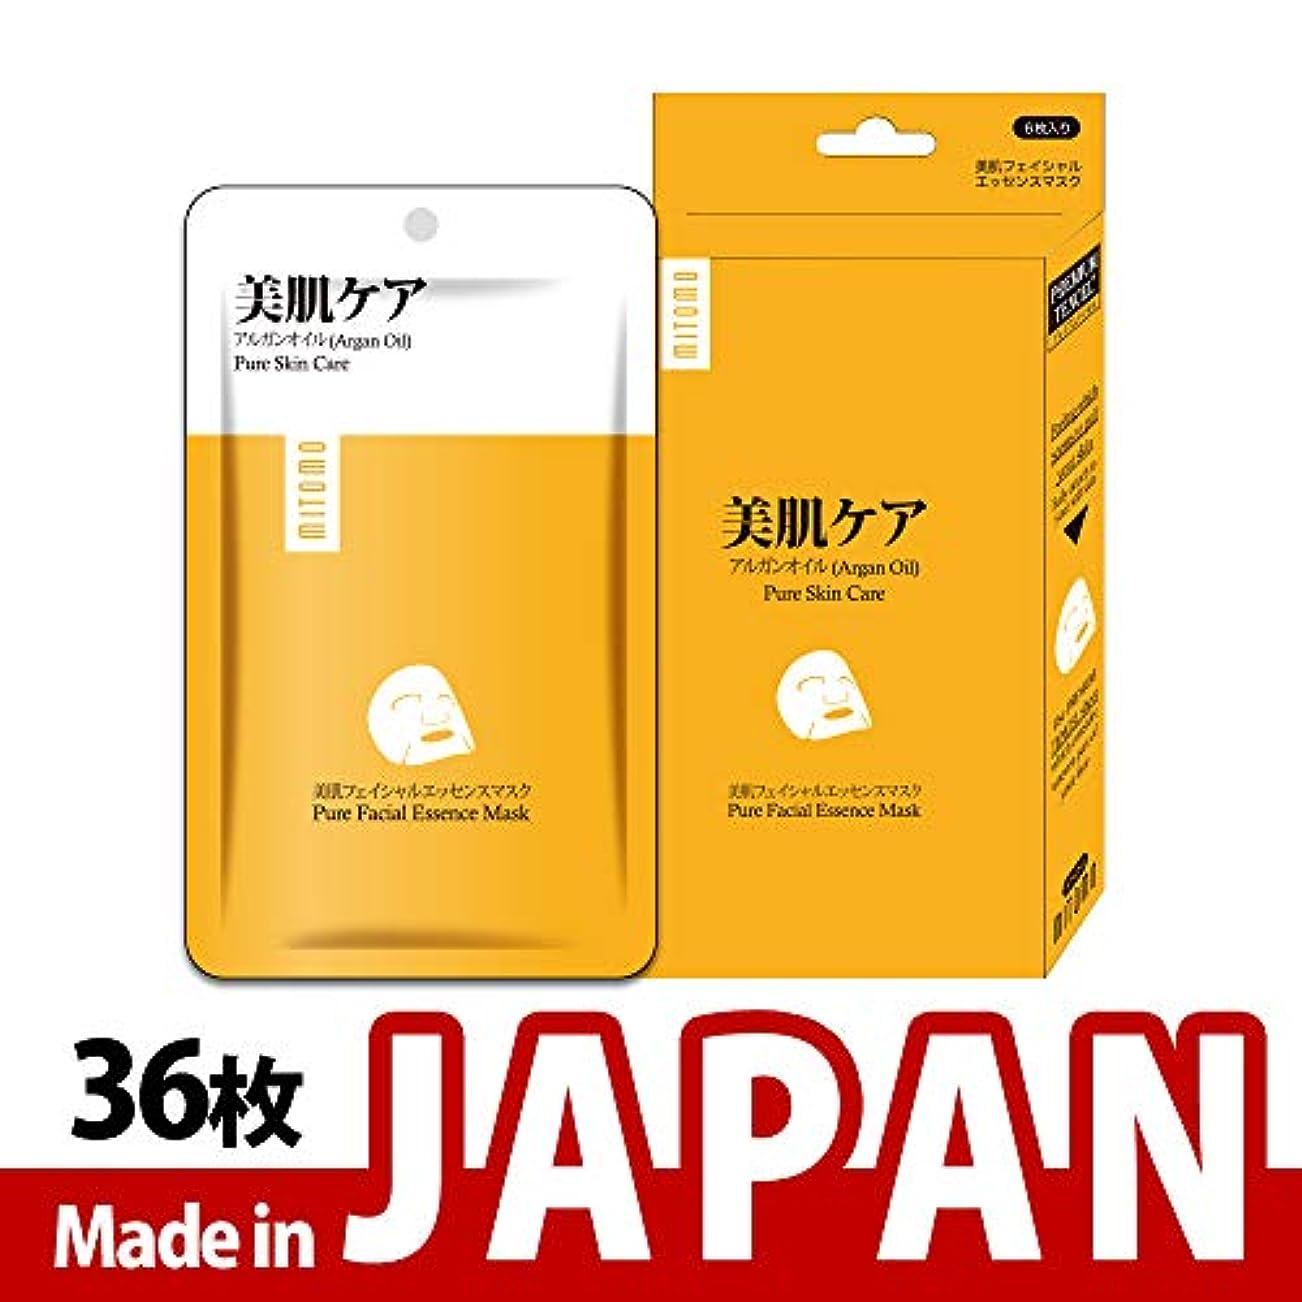 ソーセージ椅子驚くばかり【HS002-A-5】MITOMO日本製シートマスク/6枚入り/36枚/美容液/マスクパック/送料無料